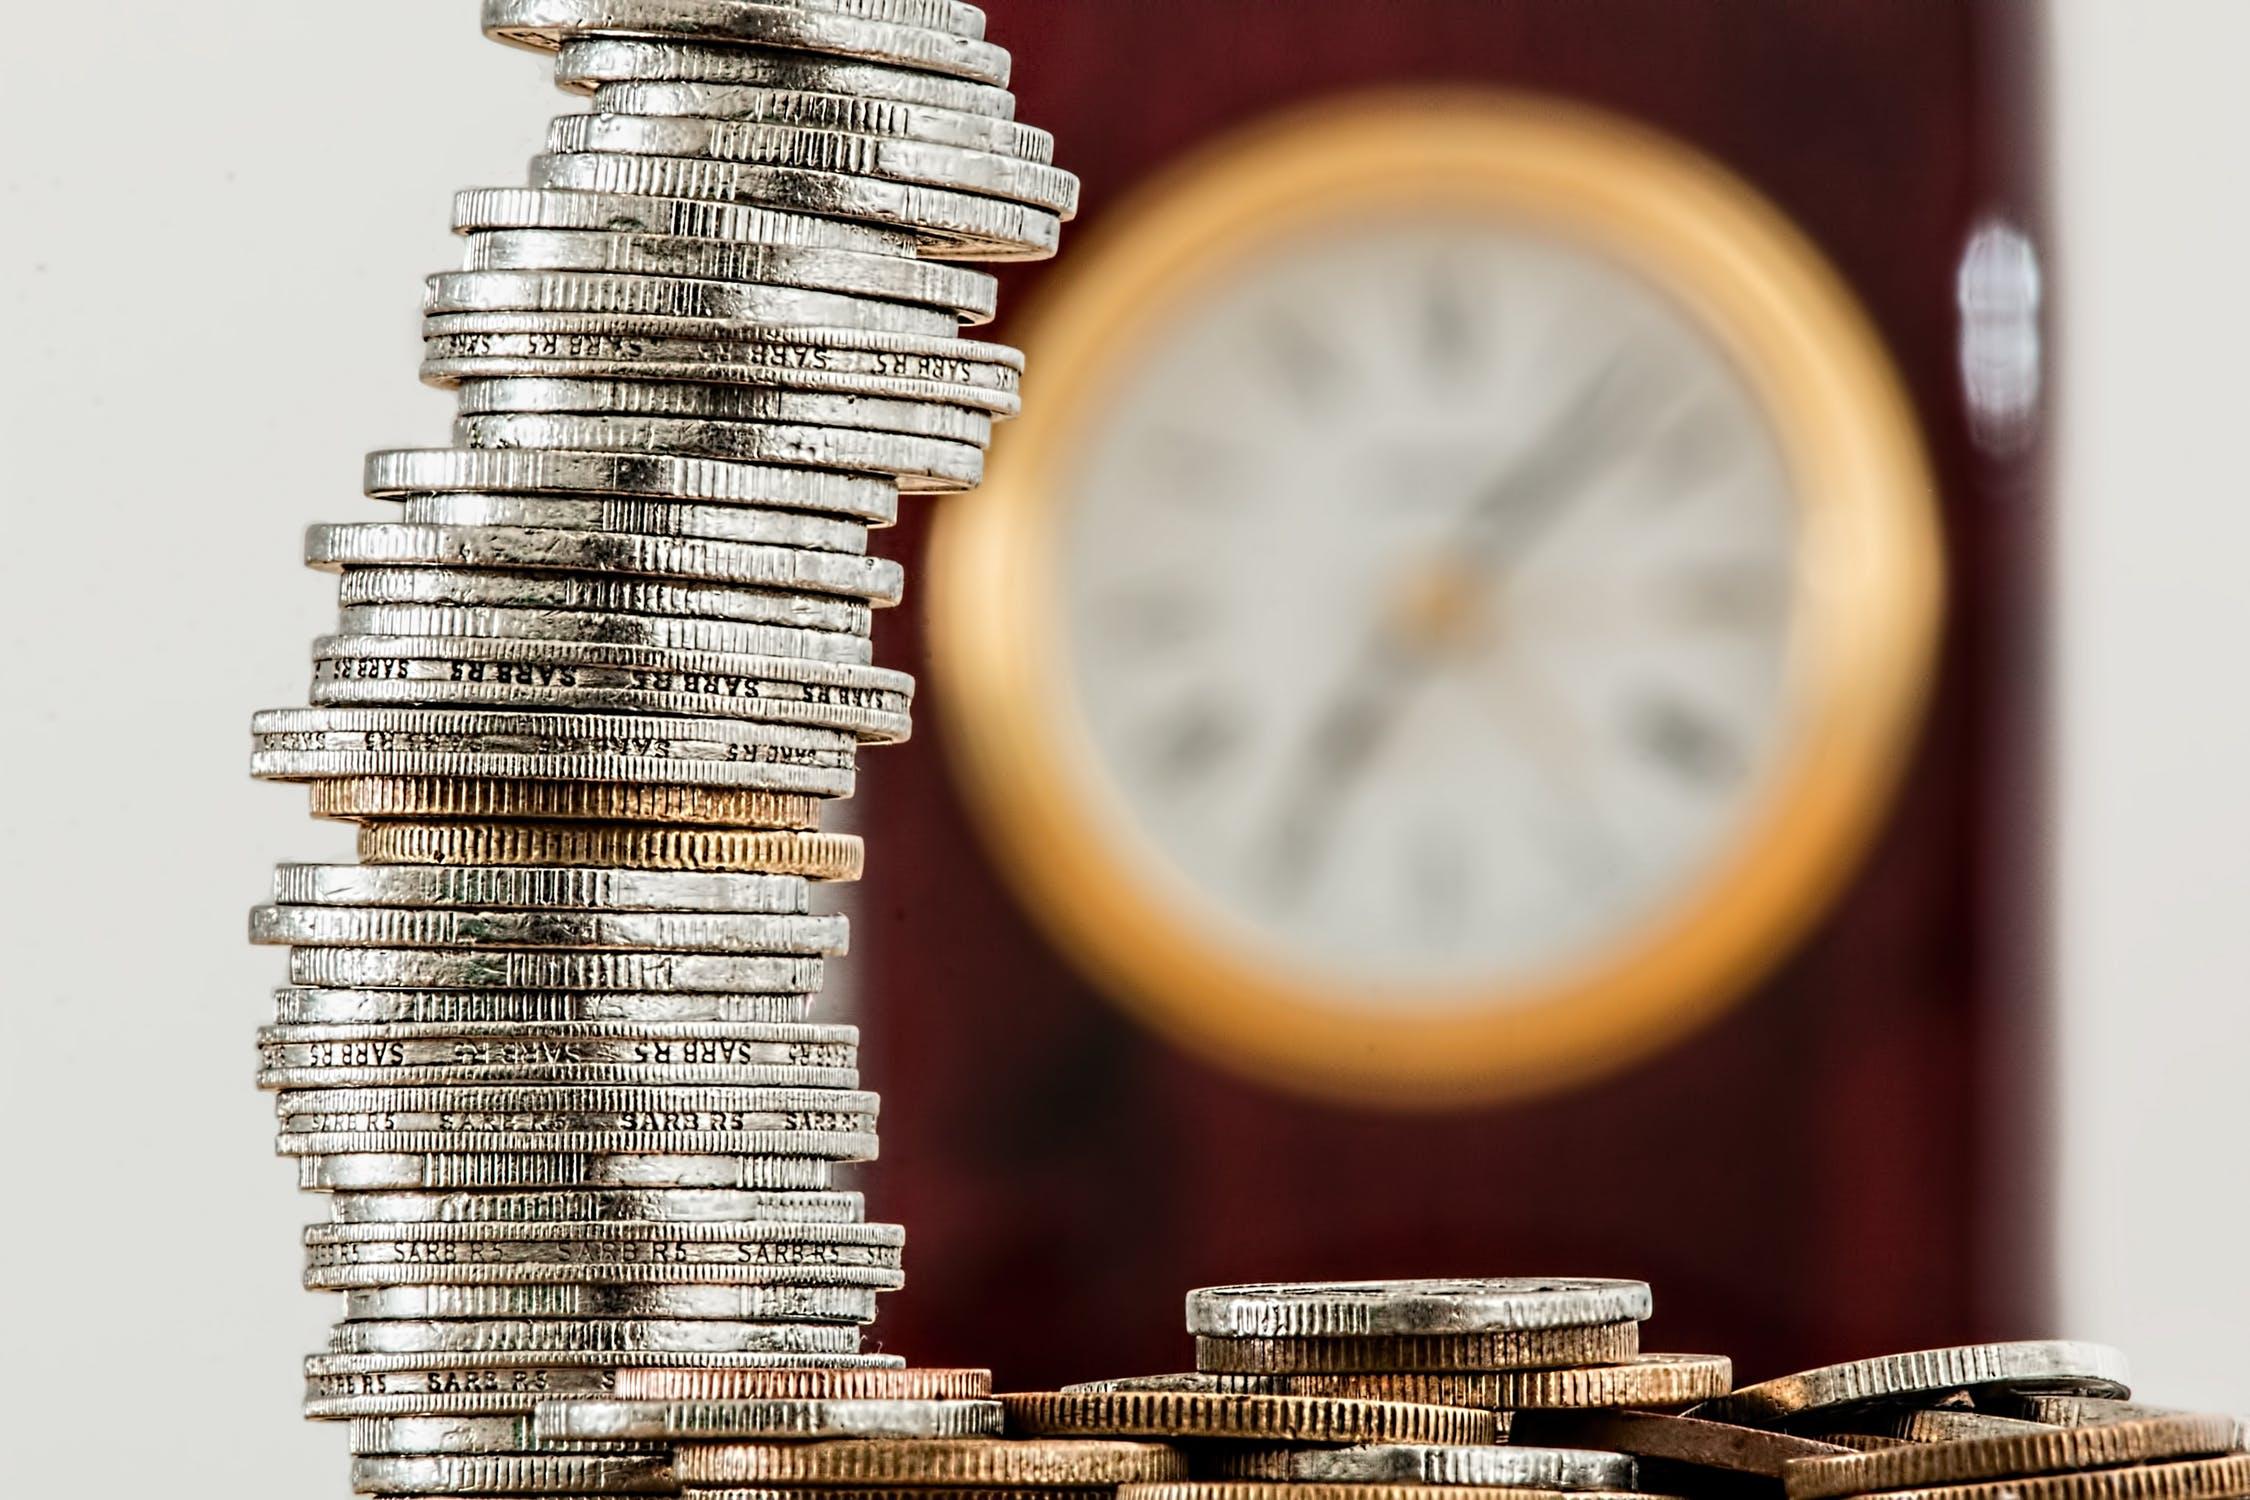 Biznesa finansēšanas stratēģijas 101: kā finansēt mazo biznesu?